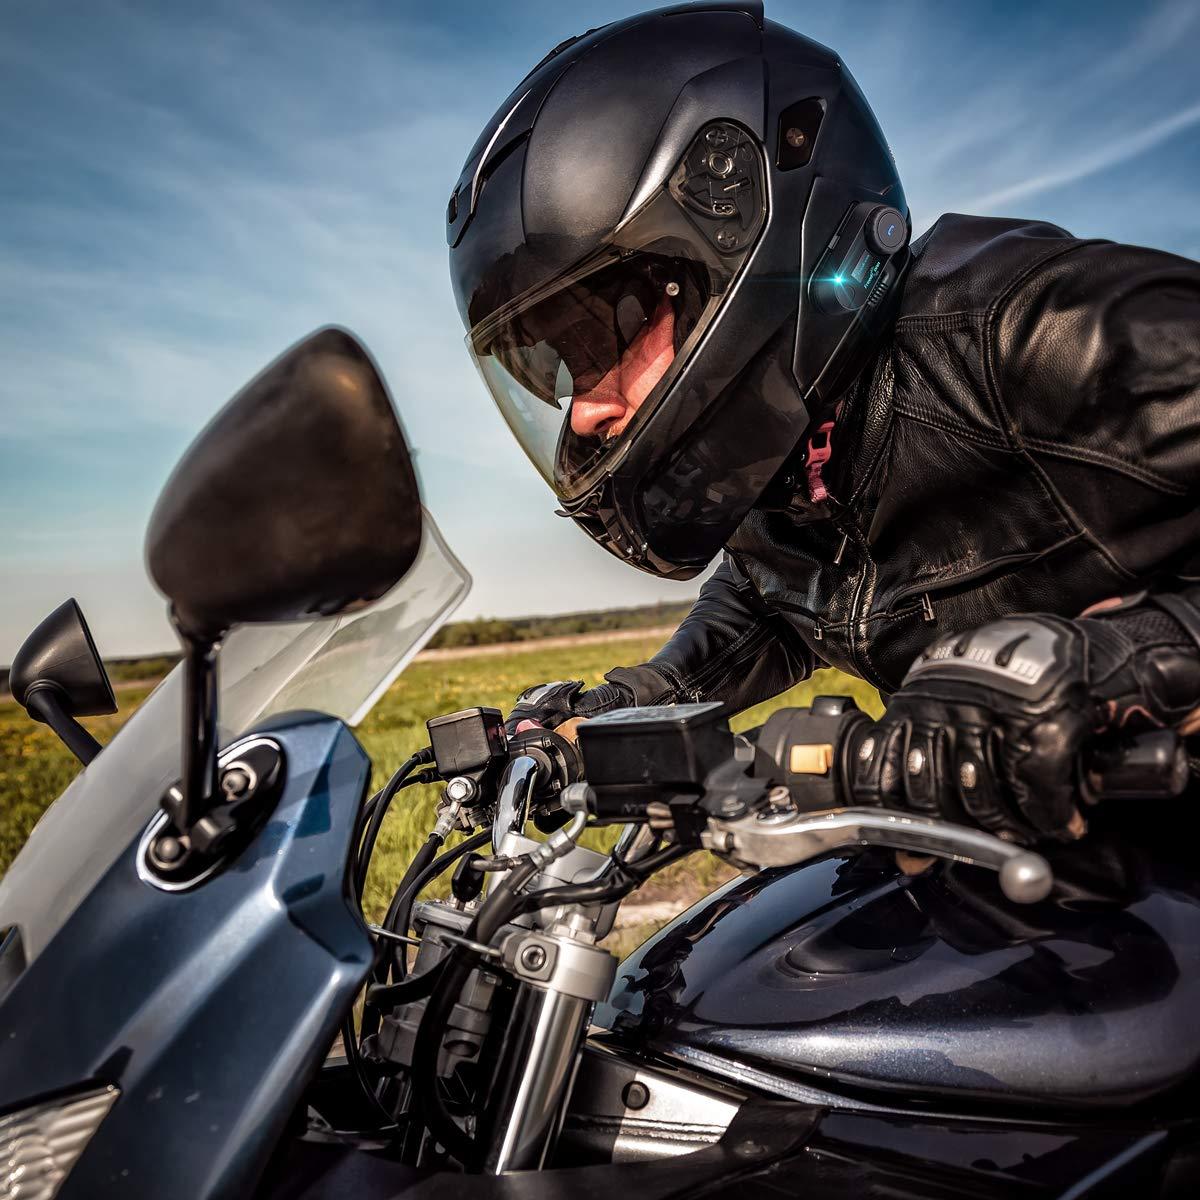 Top 10 Best Motorcycle Helmet Speakers 2021 Reviews & Buying Guide